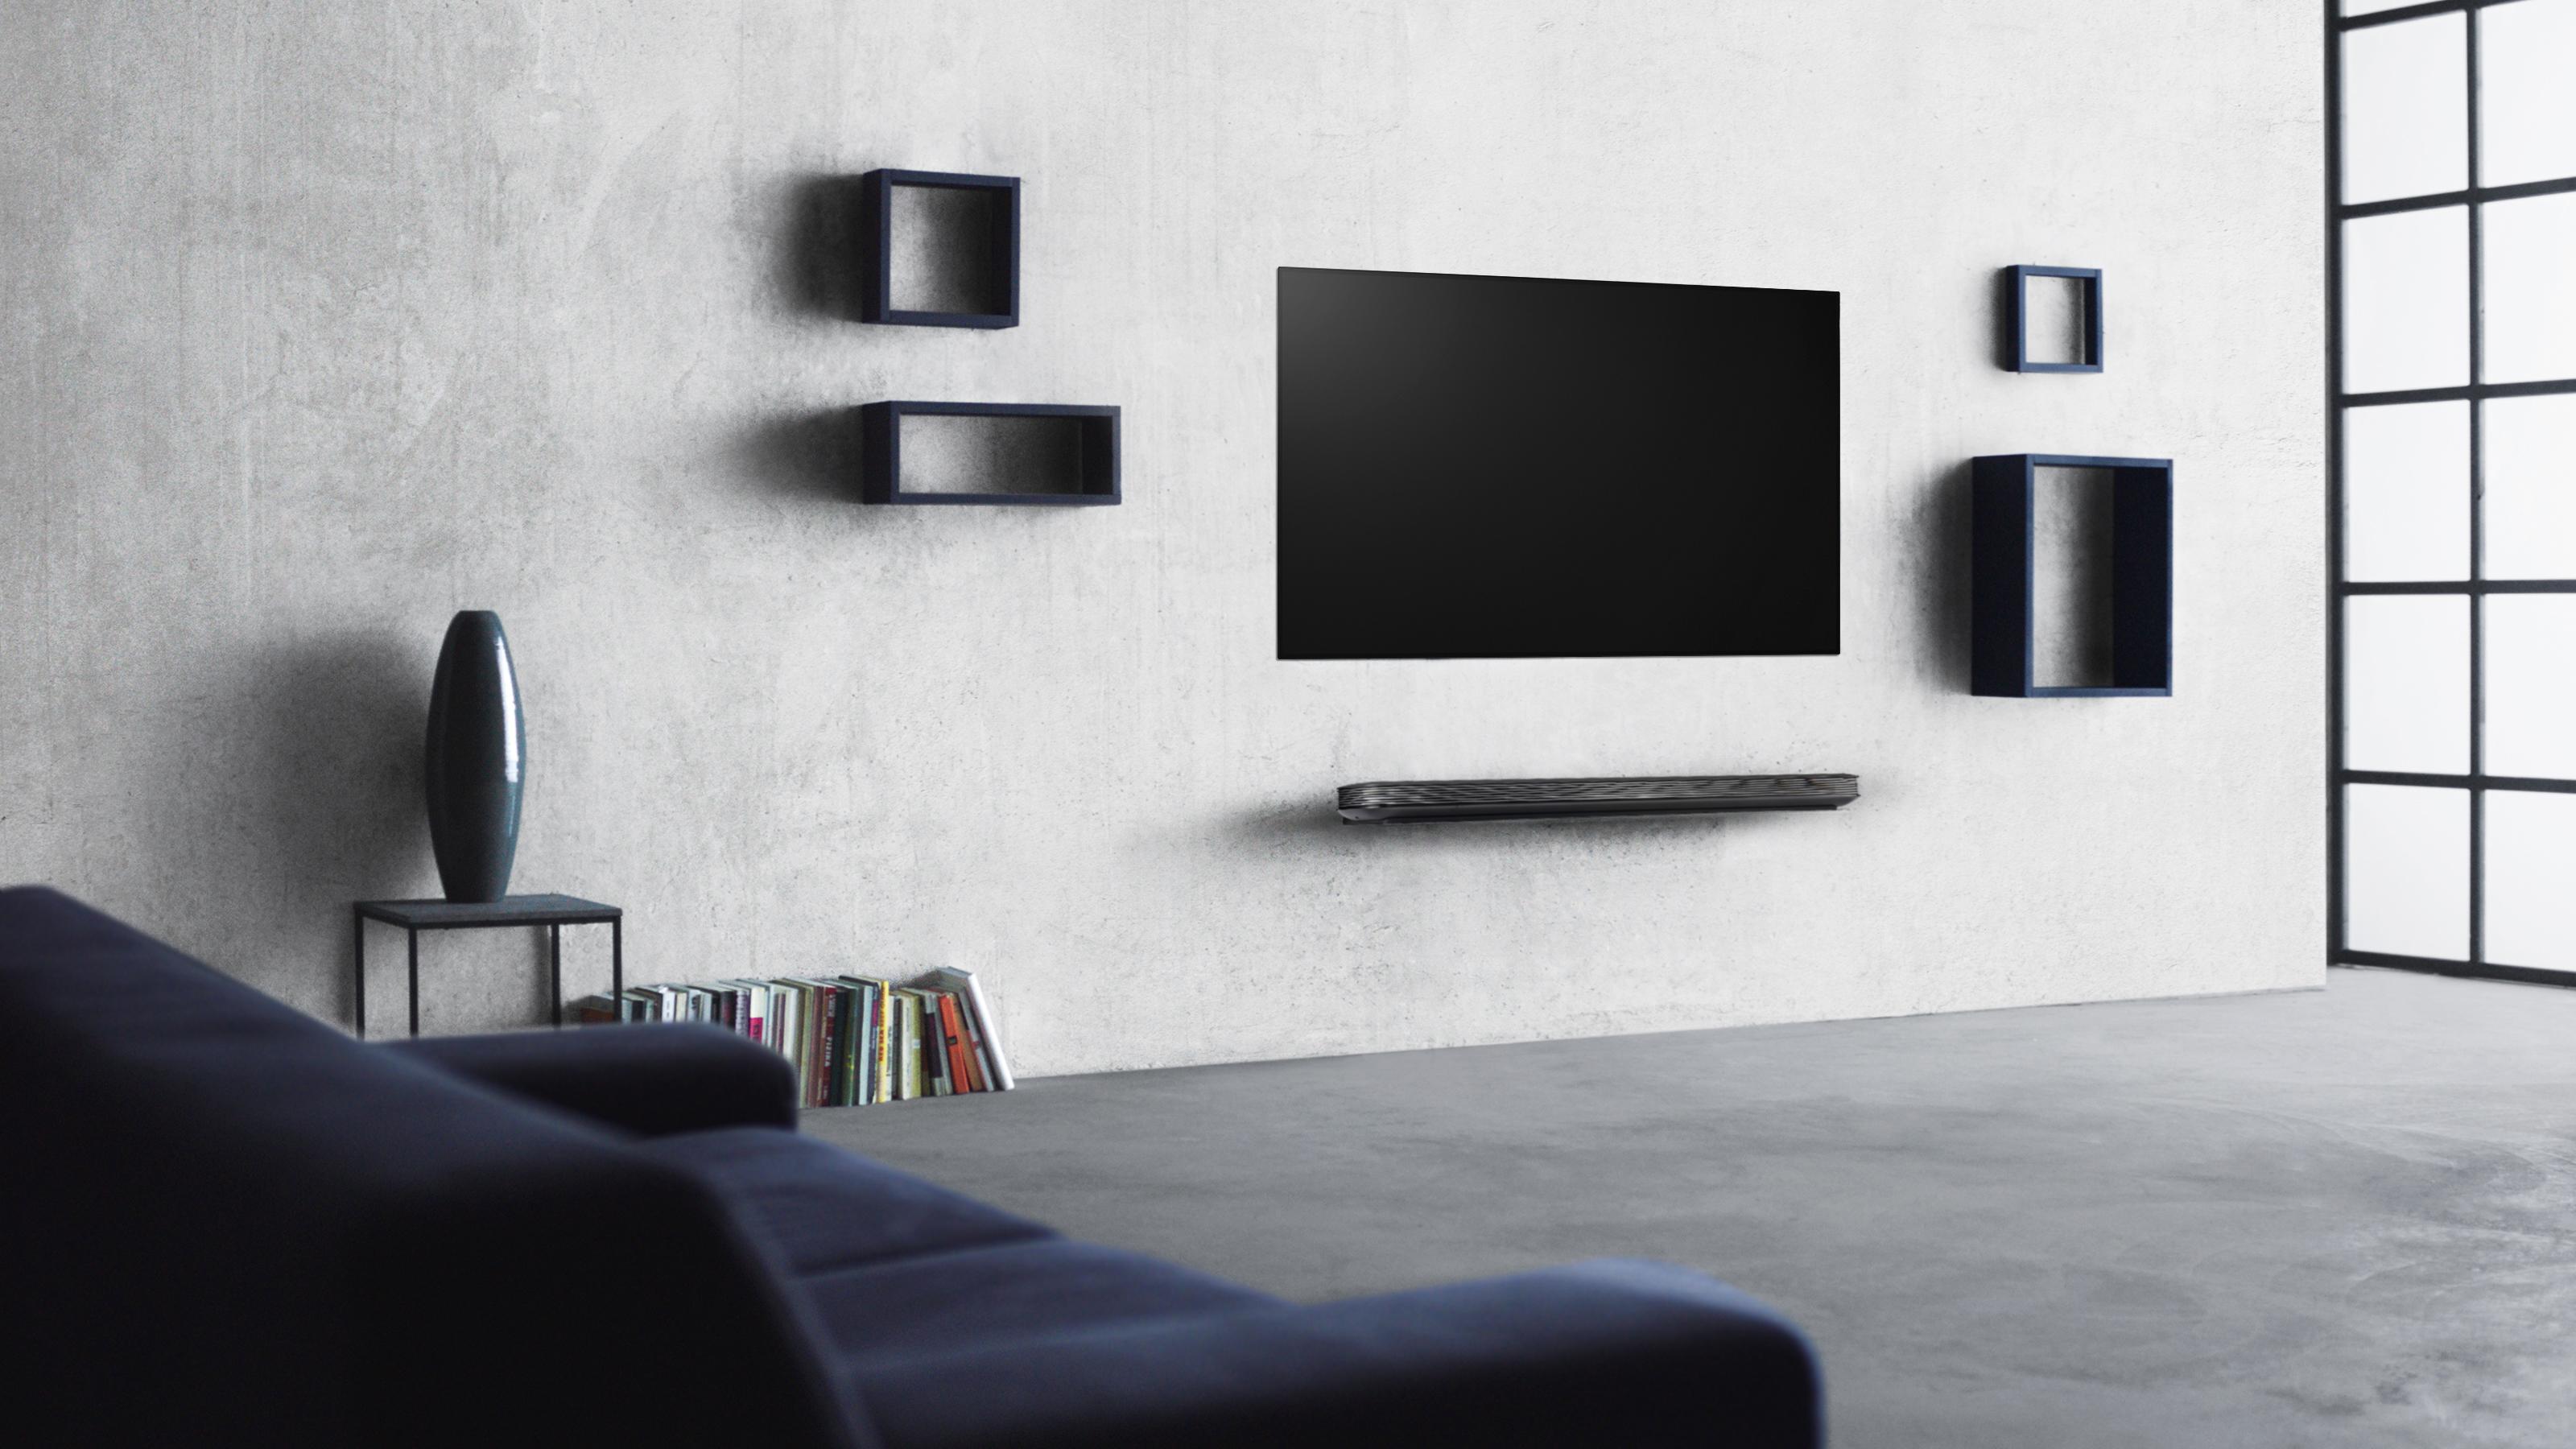 تلفزيون LG SIGNATURE OLED الجديد بمُعالج Alpha 9